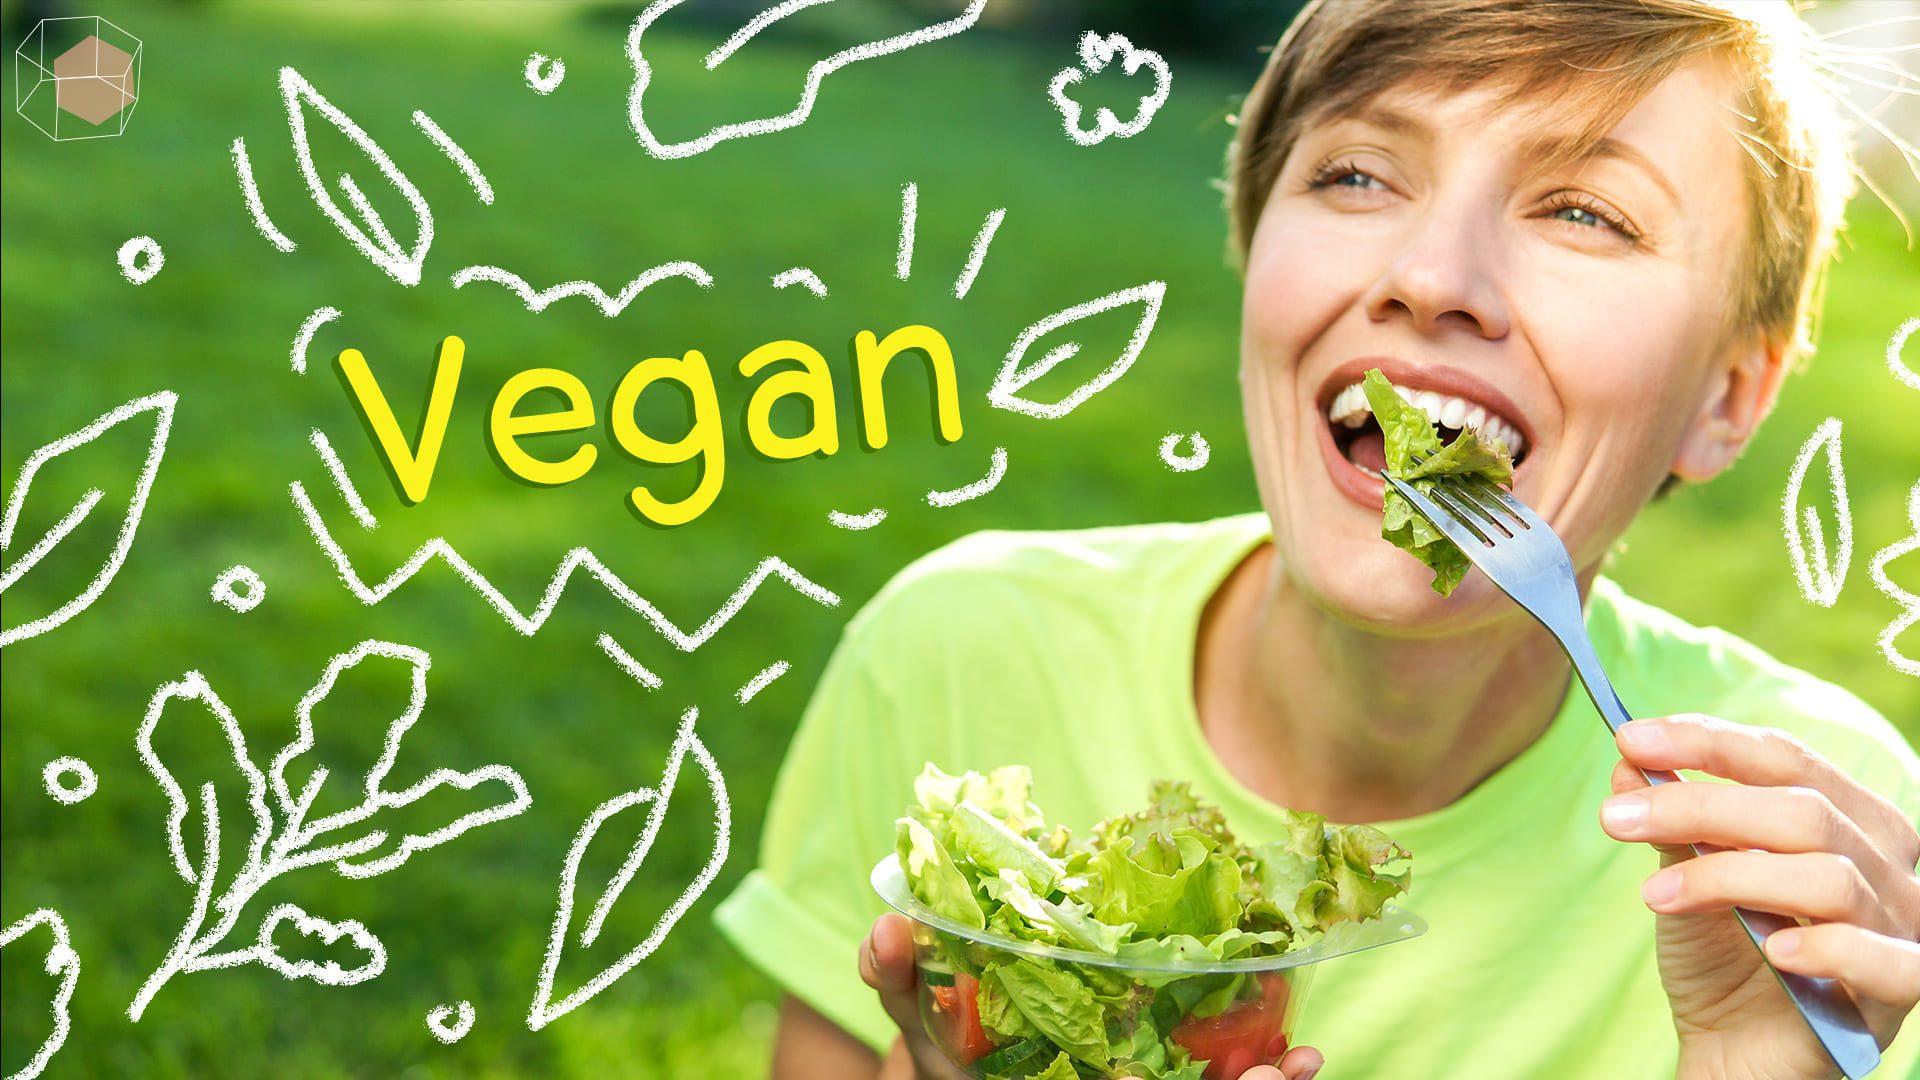 วีแกน,vegan,วีแกน มัลติ แพลนท์ โปรตีน กิฟฟารีน, Vegan Multi Plant Protein Giffarine, Vegan Multi Plant Protein,วีแกน มัลติ แพลนท์ โปรตีน,โปรตีน กิฟฟารีน,Protein Giffarine,โปรตีนถั่ว กิฟฟารีน,โปรตีนจากถั่ว,โปรตีนจากพืช,โปรตีนจากพืช กิฟฟารีน,ถั่วลันเตาสีทอง กิฟฟารีน,โปรตีนถั่วลันเตาสีทอง